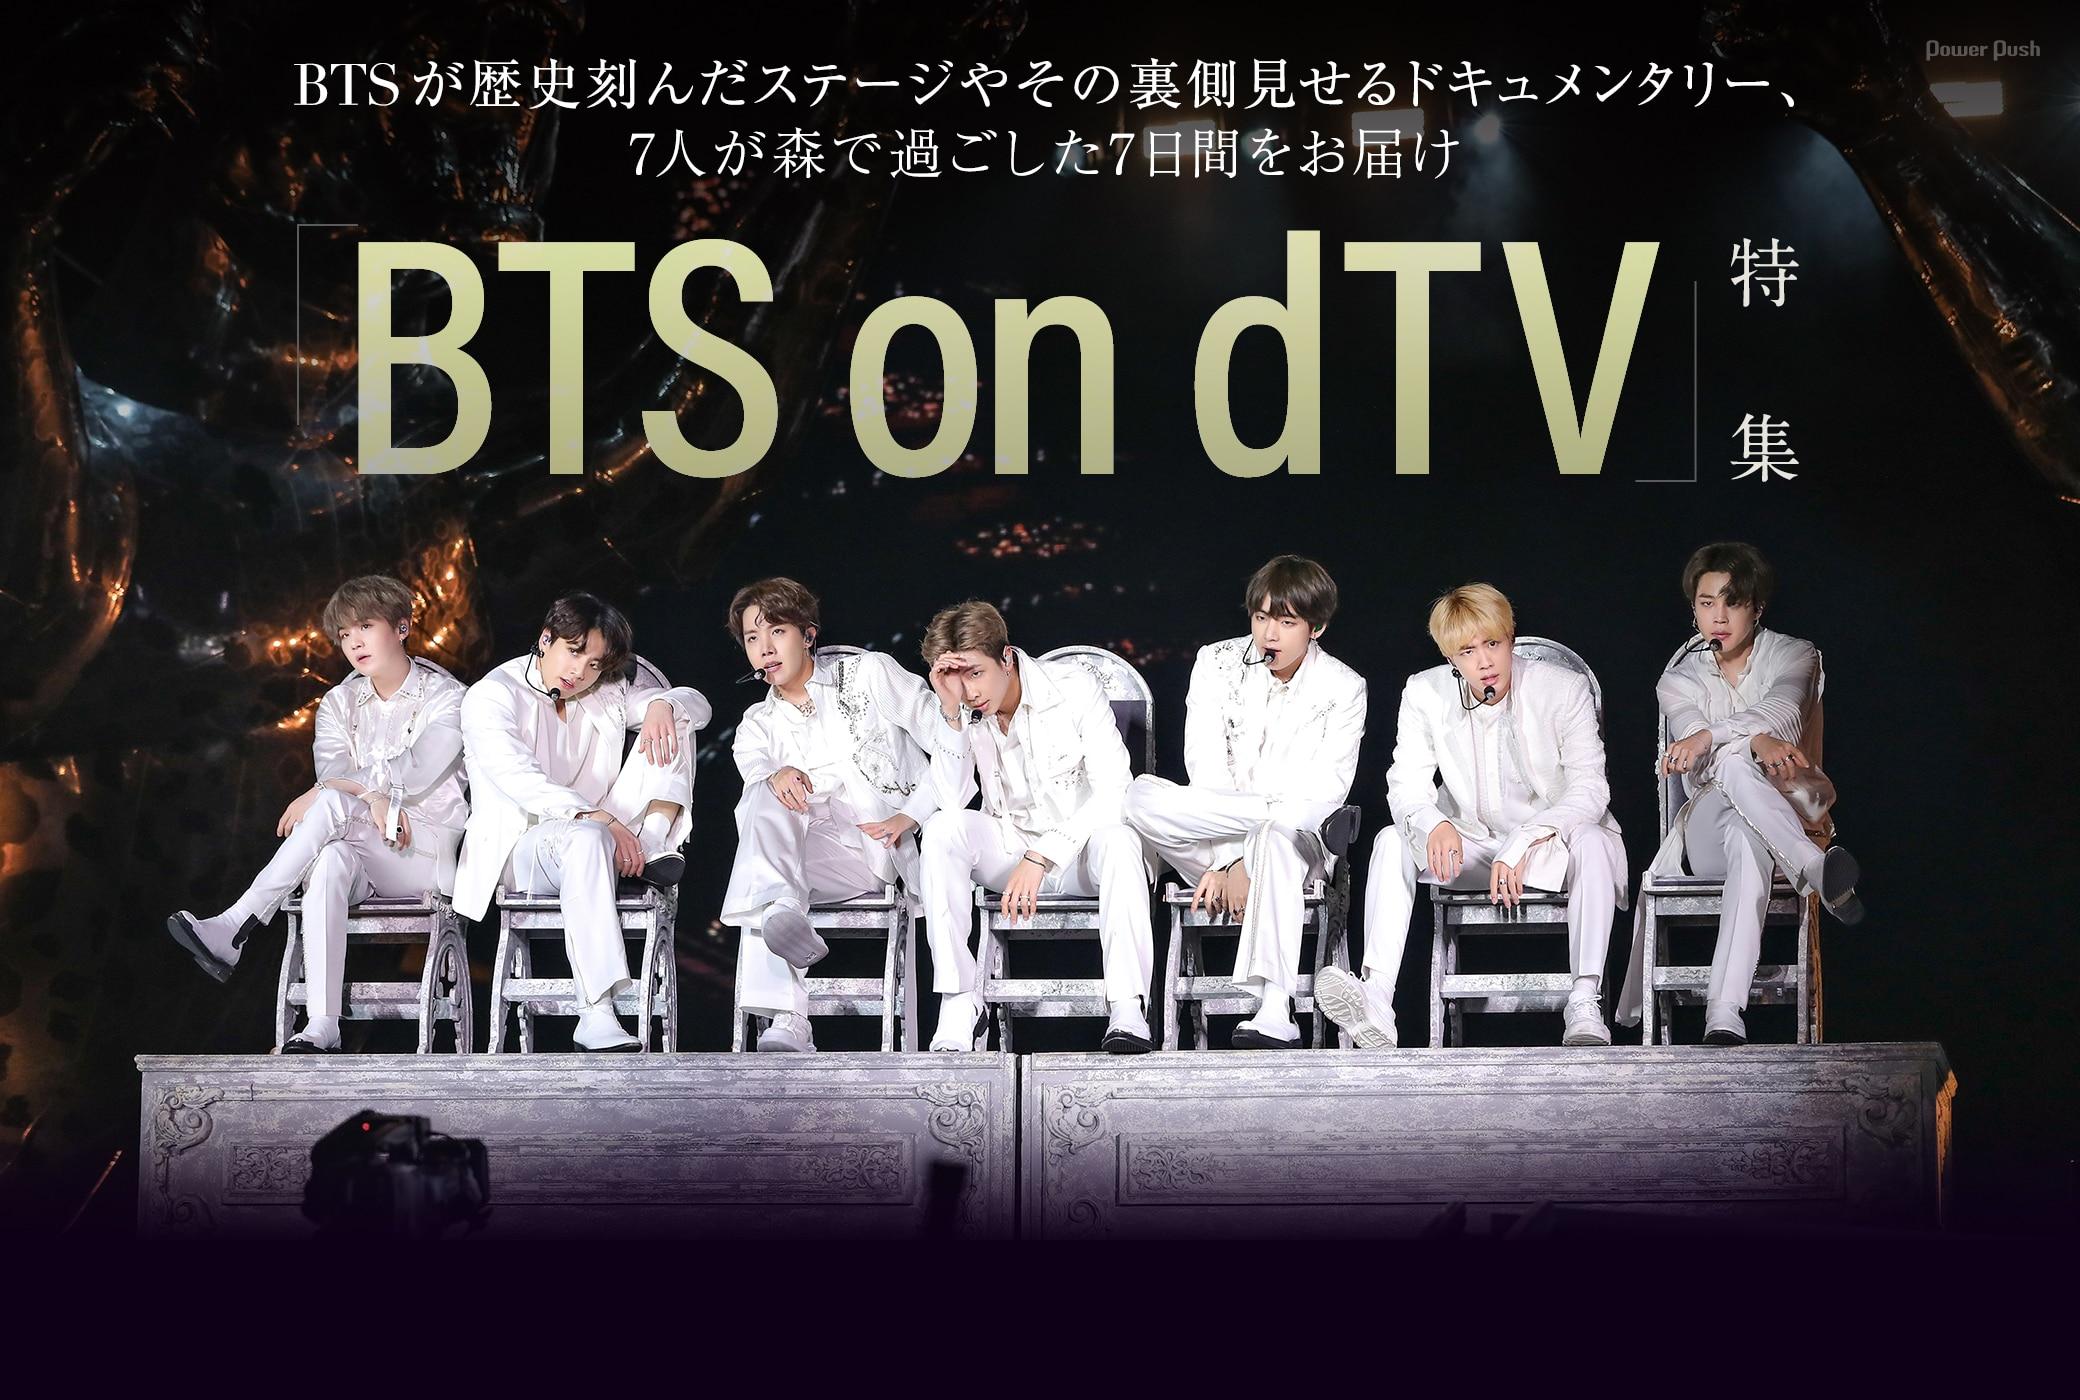 「BTS on dTV」特集|BTSが歴史刻んだステージやその裏側見せるドキュメンタリー、7人が森で過ごした7日間をお届け